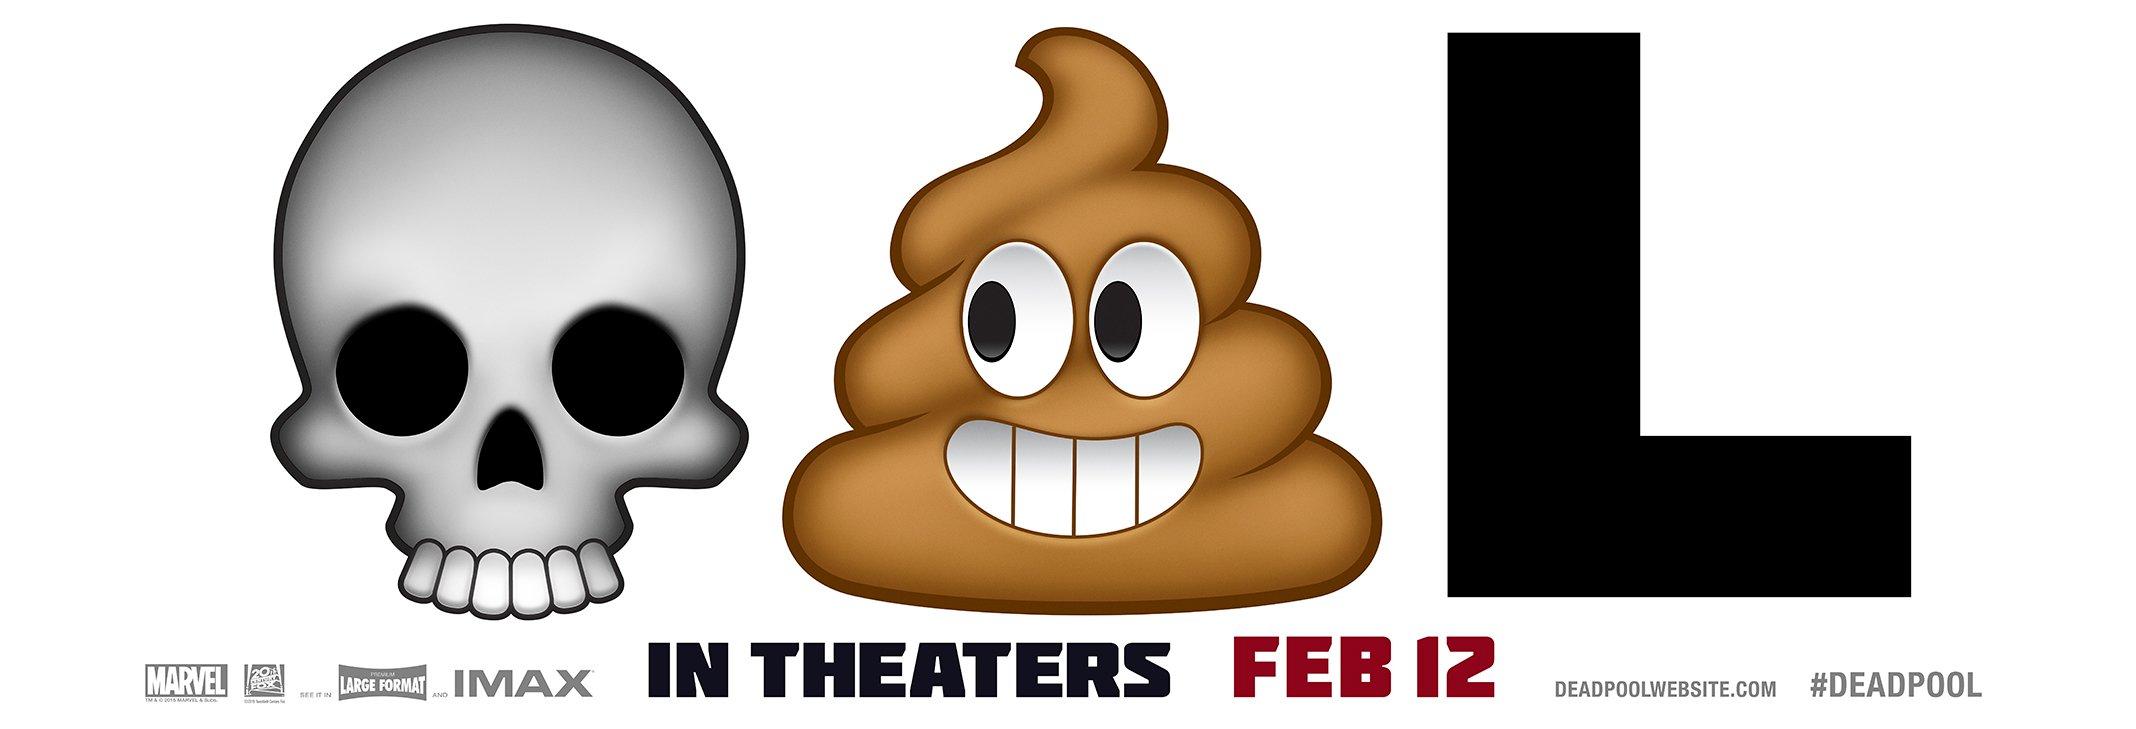 Deadpool ad using emojis